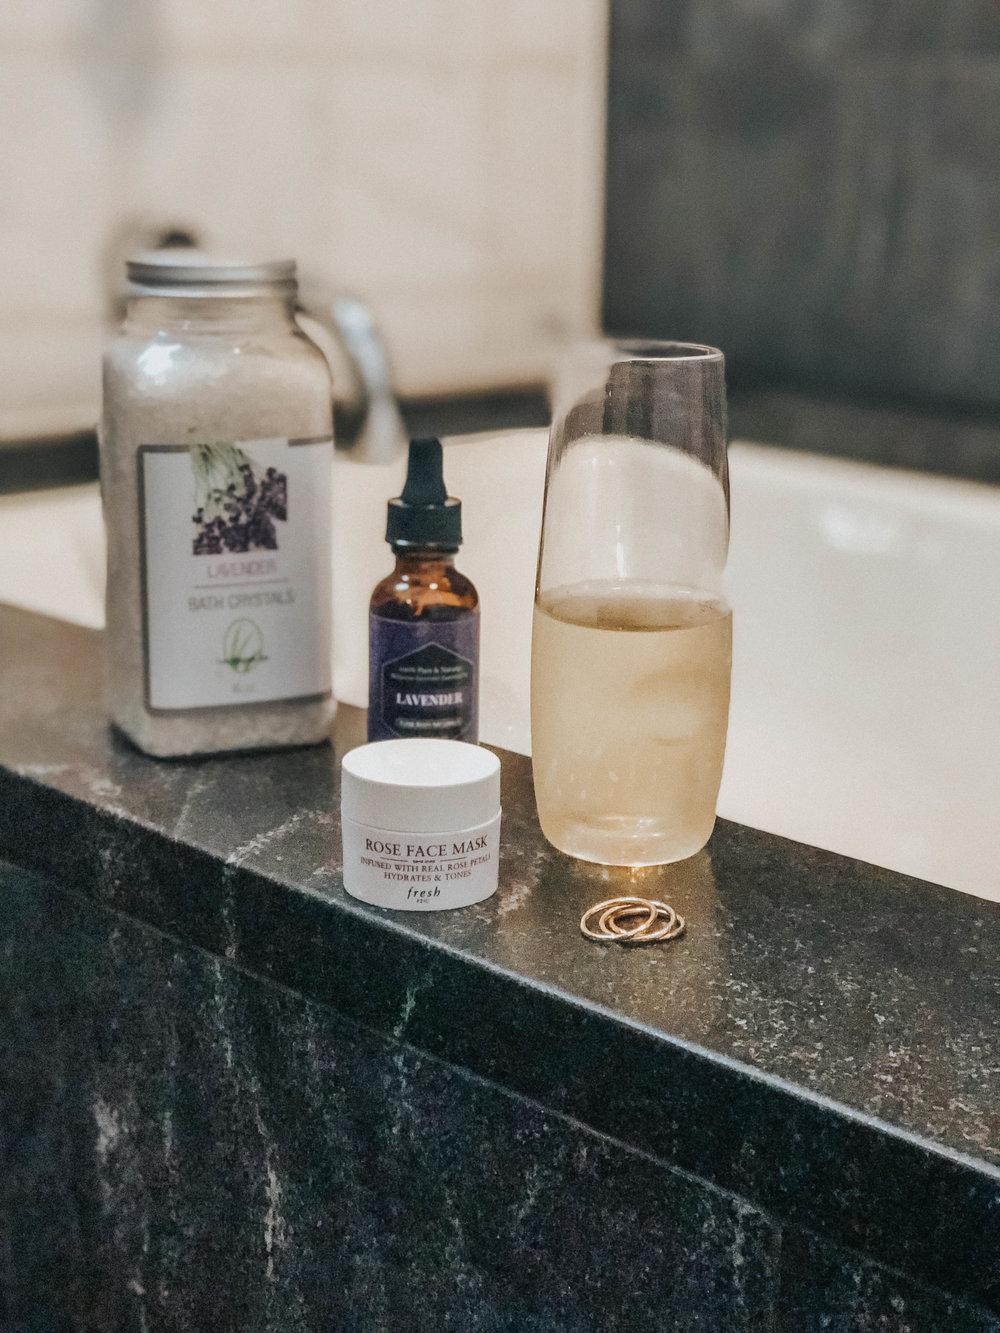 Lavender Scented Bath Salts  Lavender Oil   Rose Face Mask   Champagne   Reduce Stress